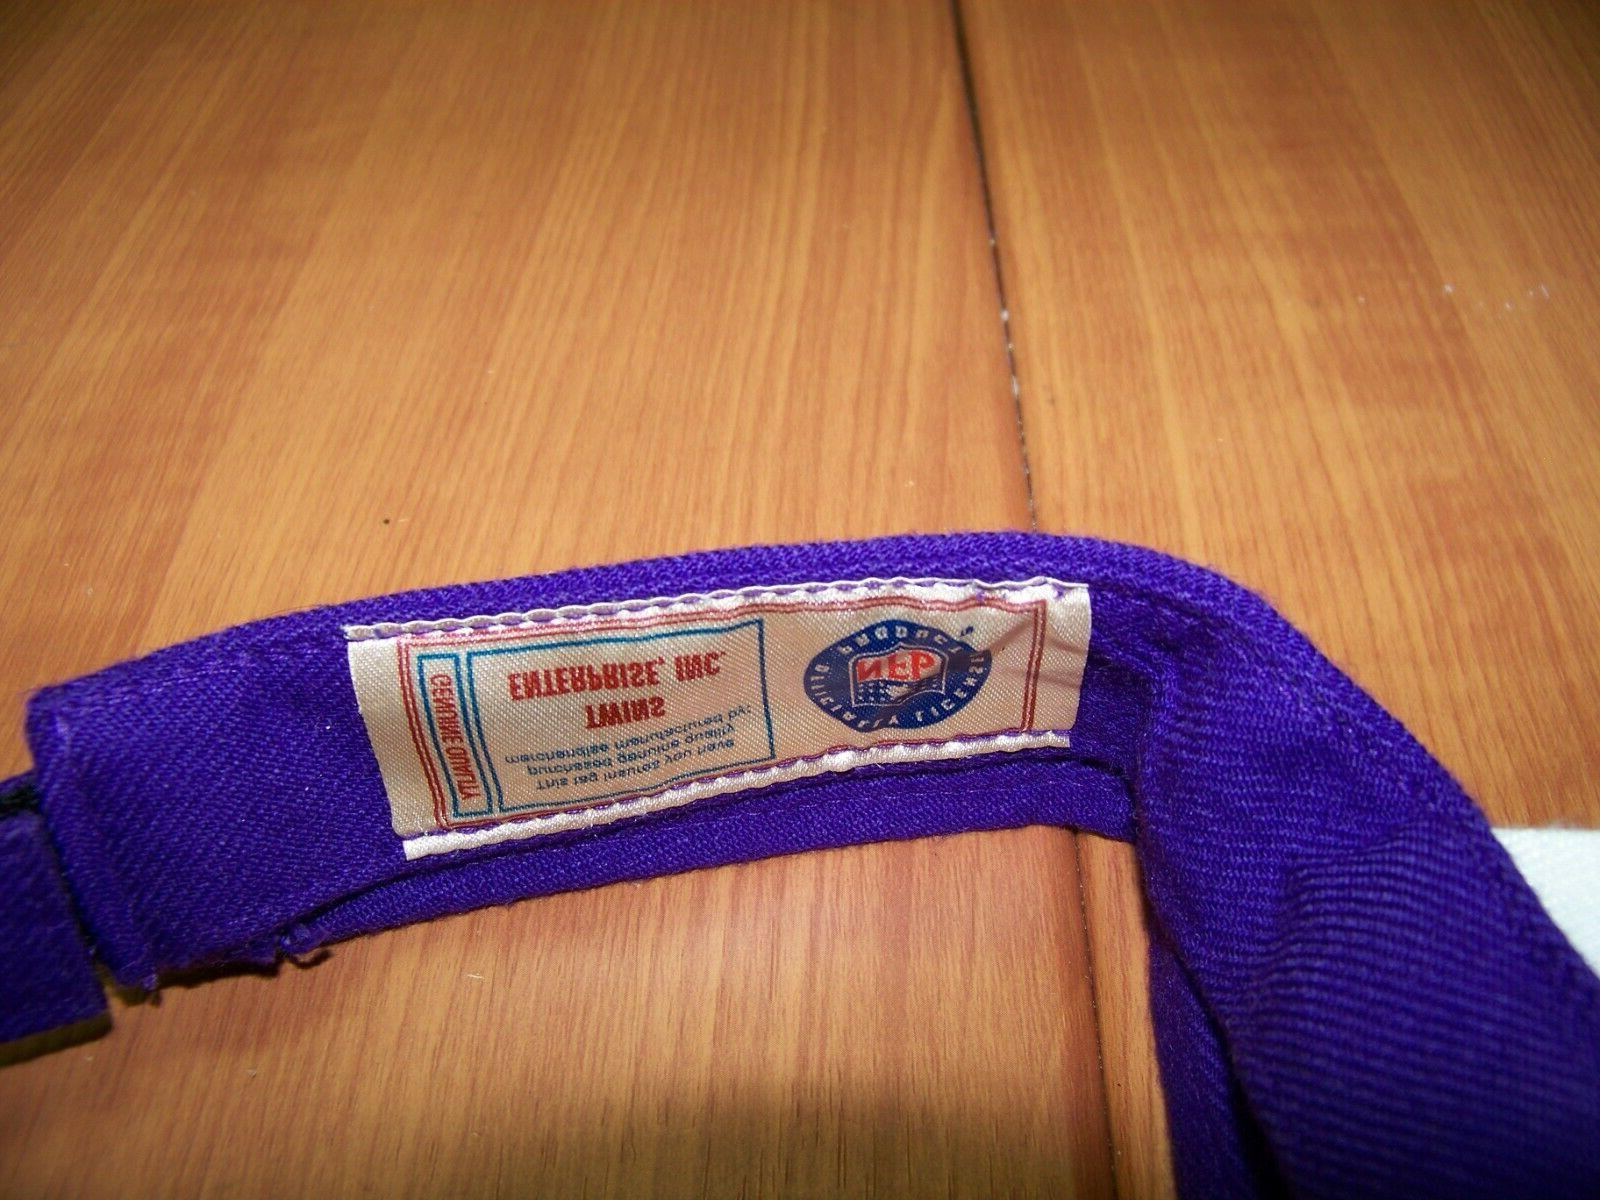 Minnesota Vikings Visor Adj Strap - Officially Licensed Product